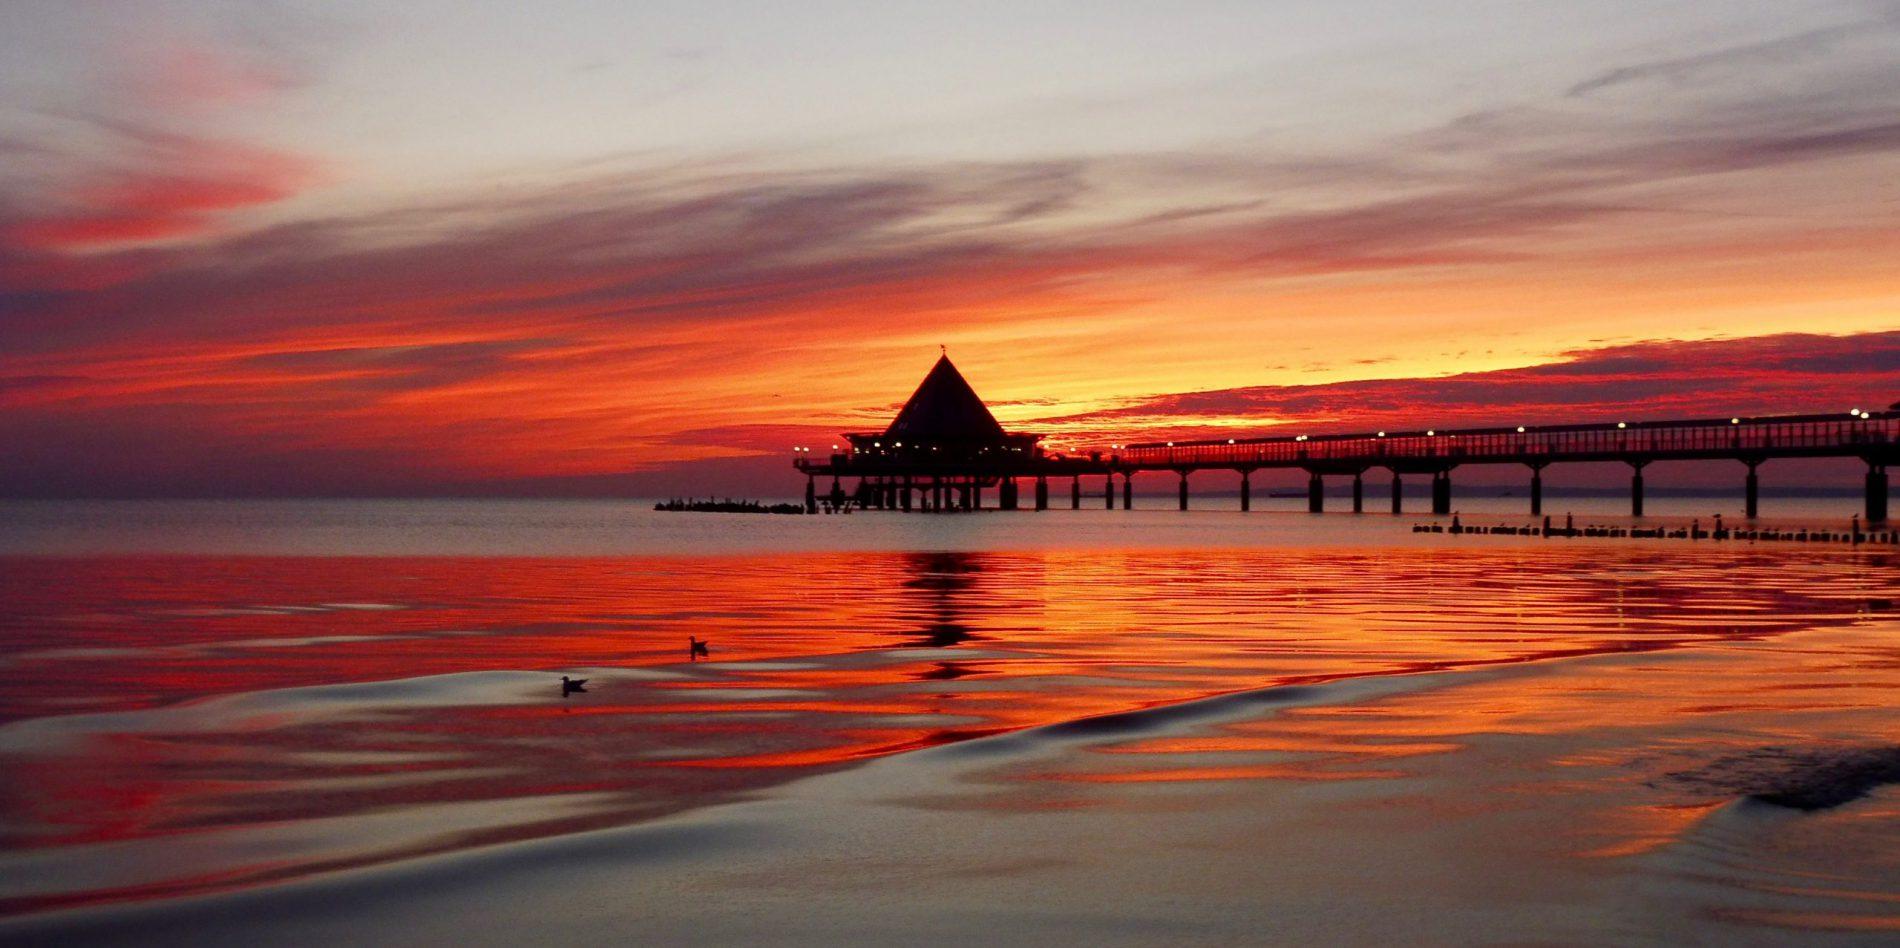 Tipp für Frühaufsteher: Vor Sonnenaufgang an den Strand und der Sonne zuschauen, wie sie am Horizont ihrem Bett entsteigt (hier an der Seebrücke Heringsdorf).